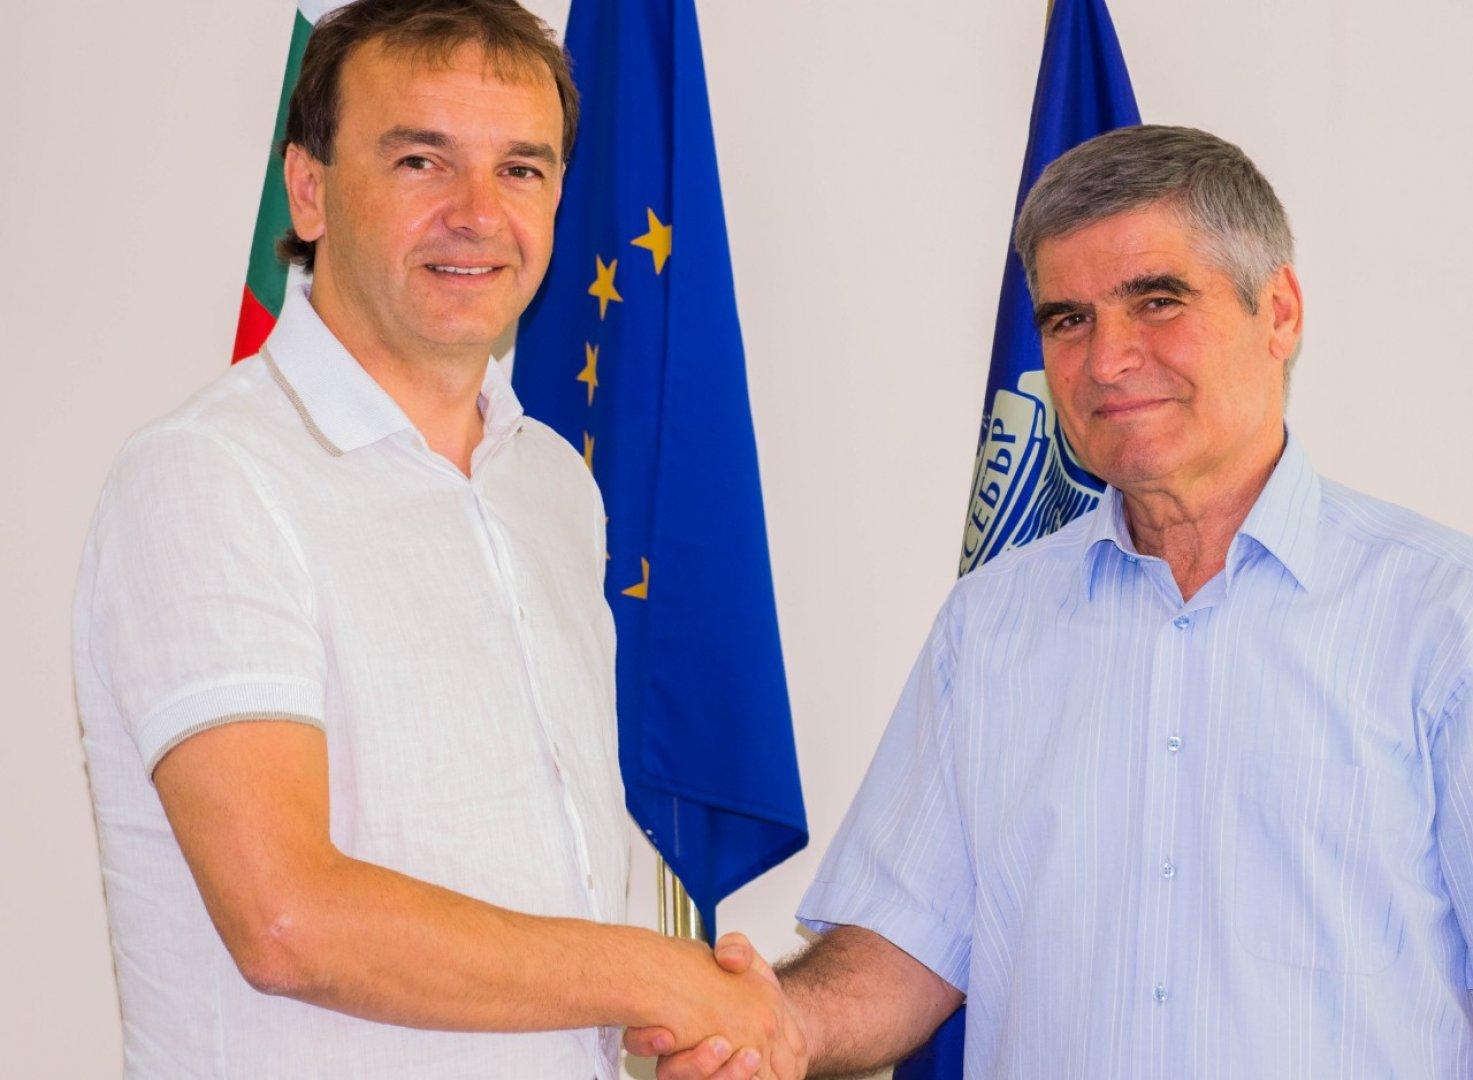 Идеята за стипендията е на Атанас Терзиев (вляво) - общински съветнис в Несебър